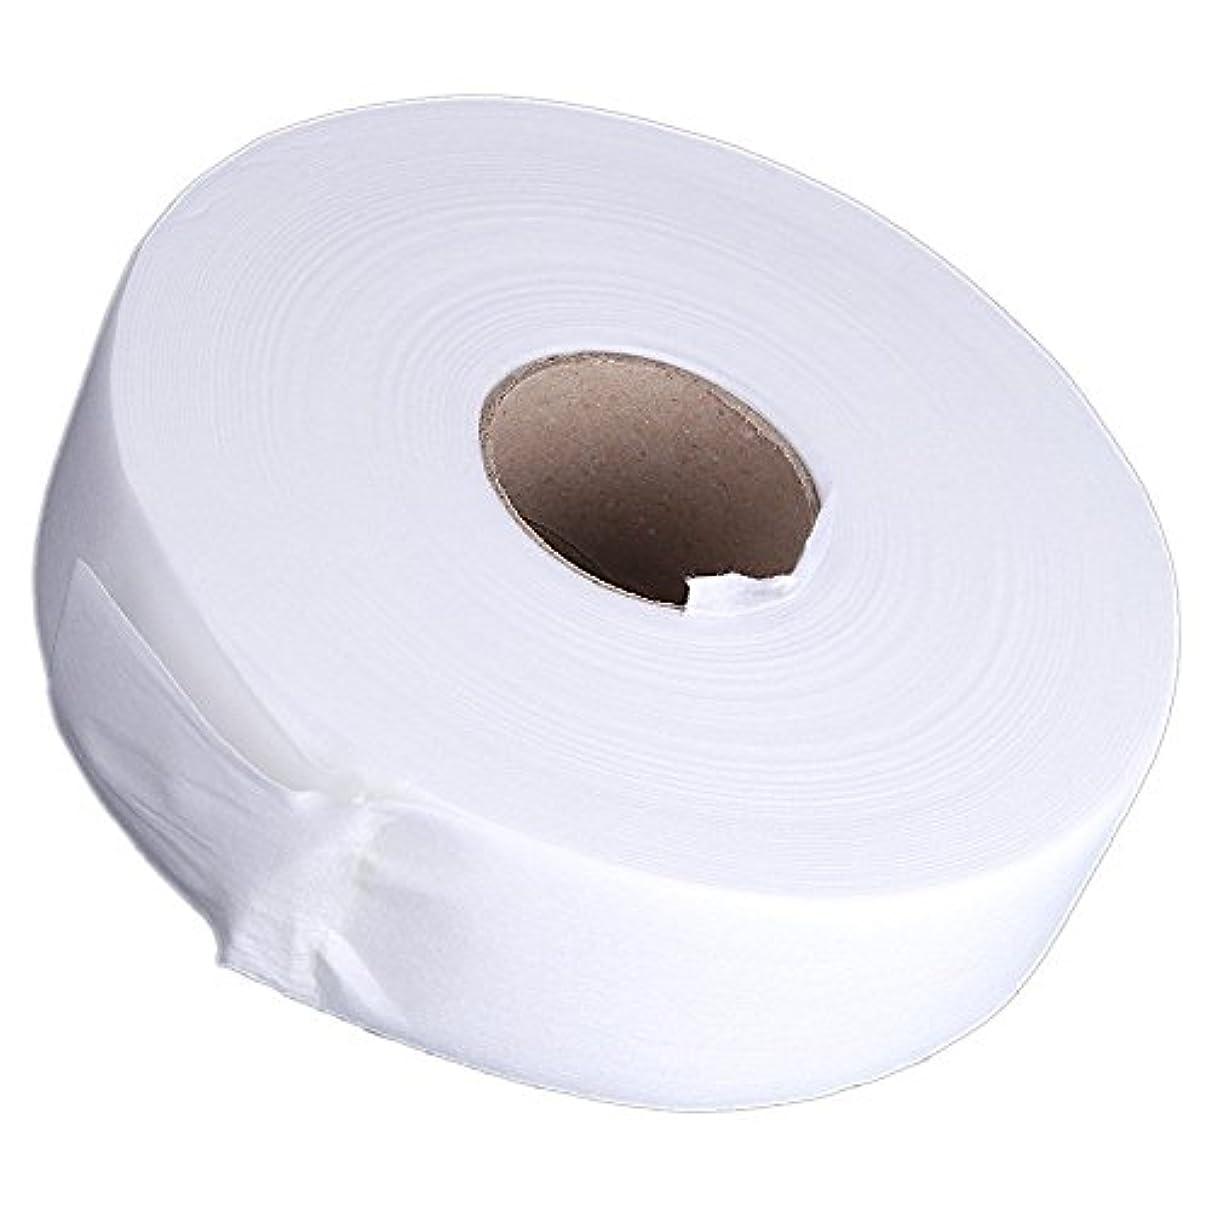 毎回カニ検出するSODIAL 100ヤードの脱毛紙脱毛ワックスストリップ 不織布ペーパーワックスロール(白)